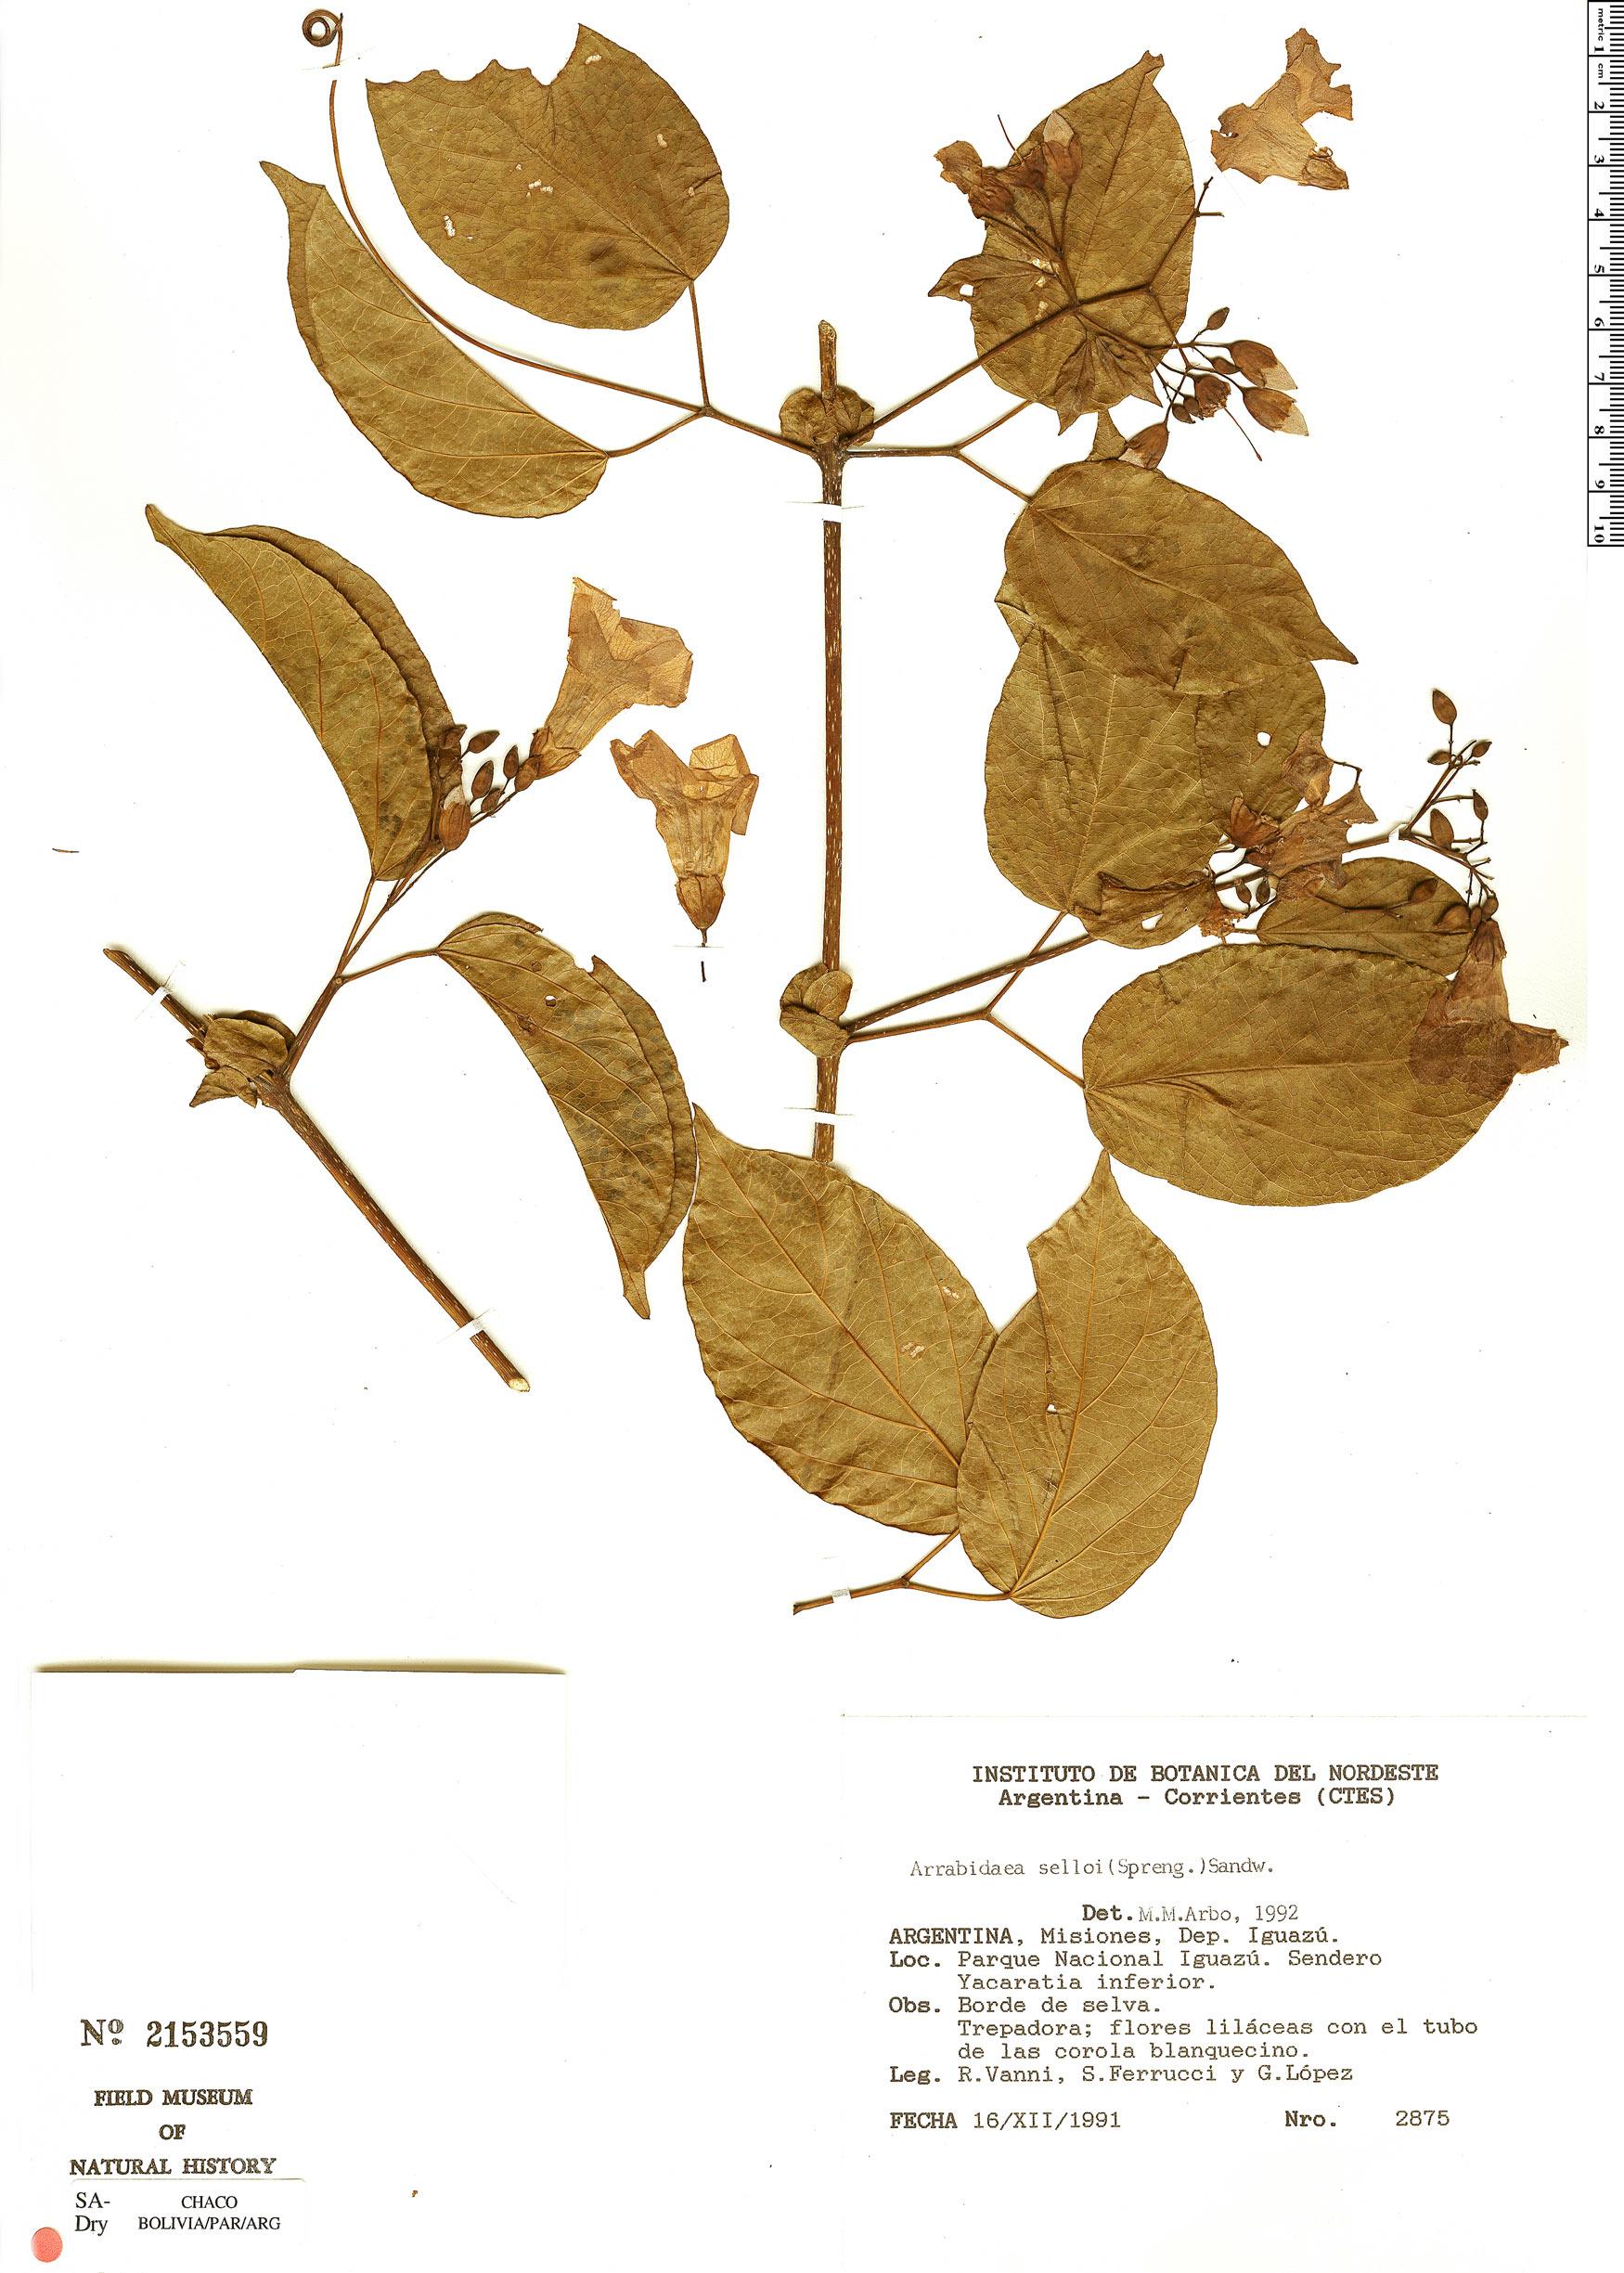 Specimen: Tanaecium selloi